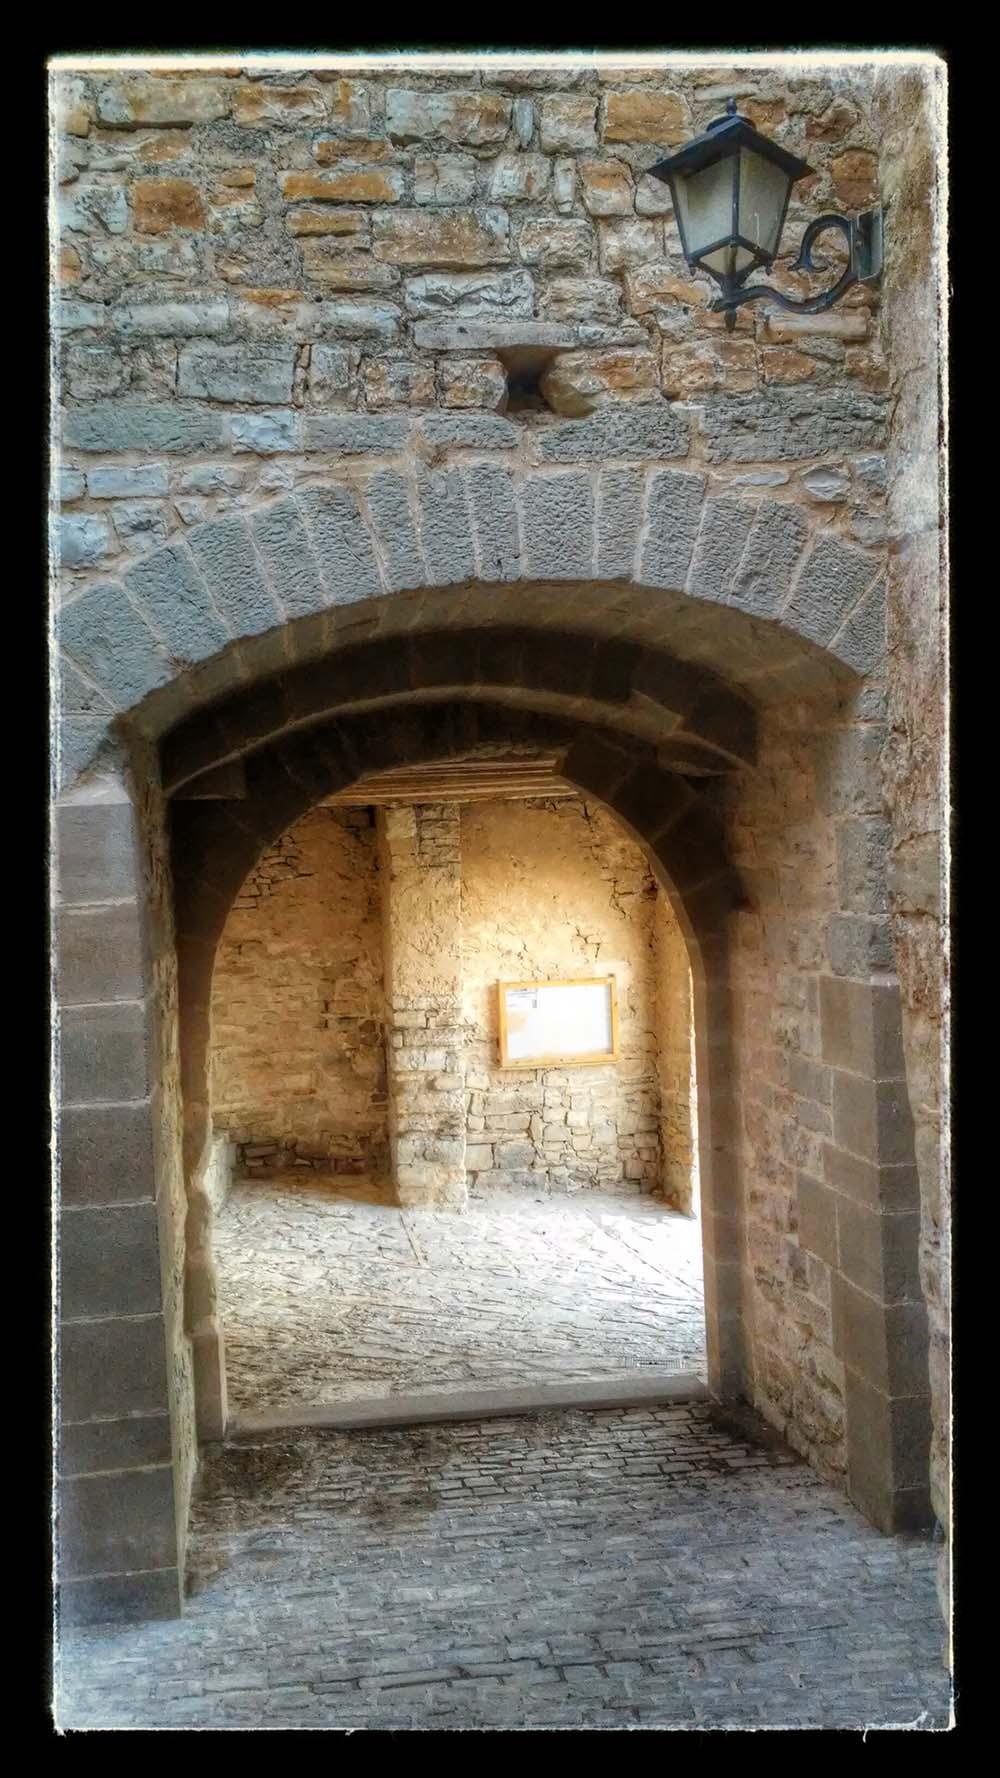 Vila closa de Montfalcó Murallat